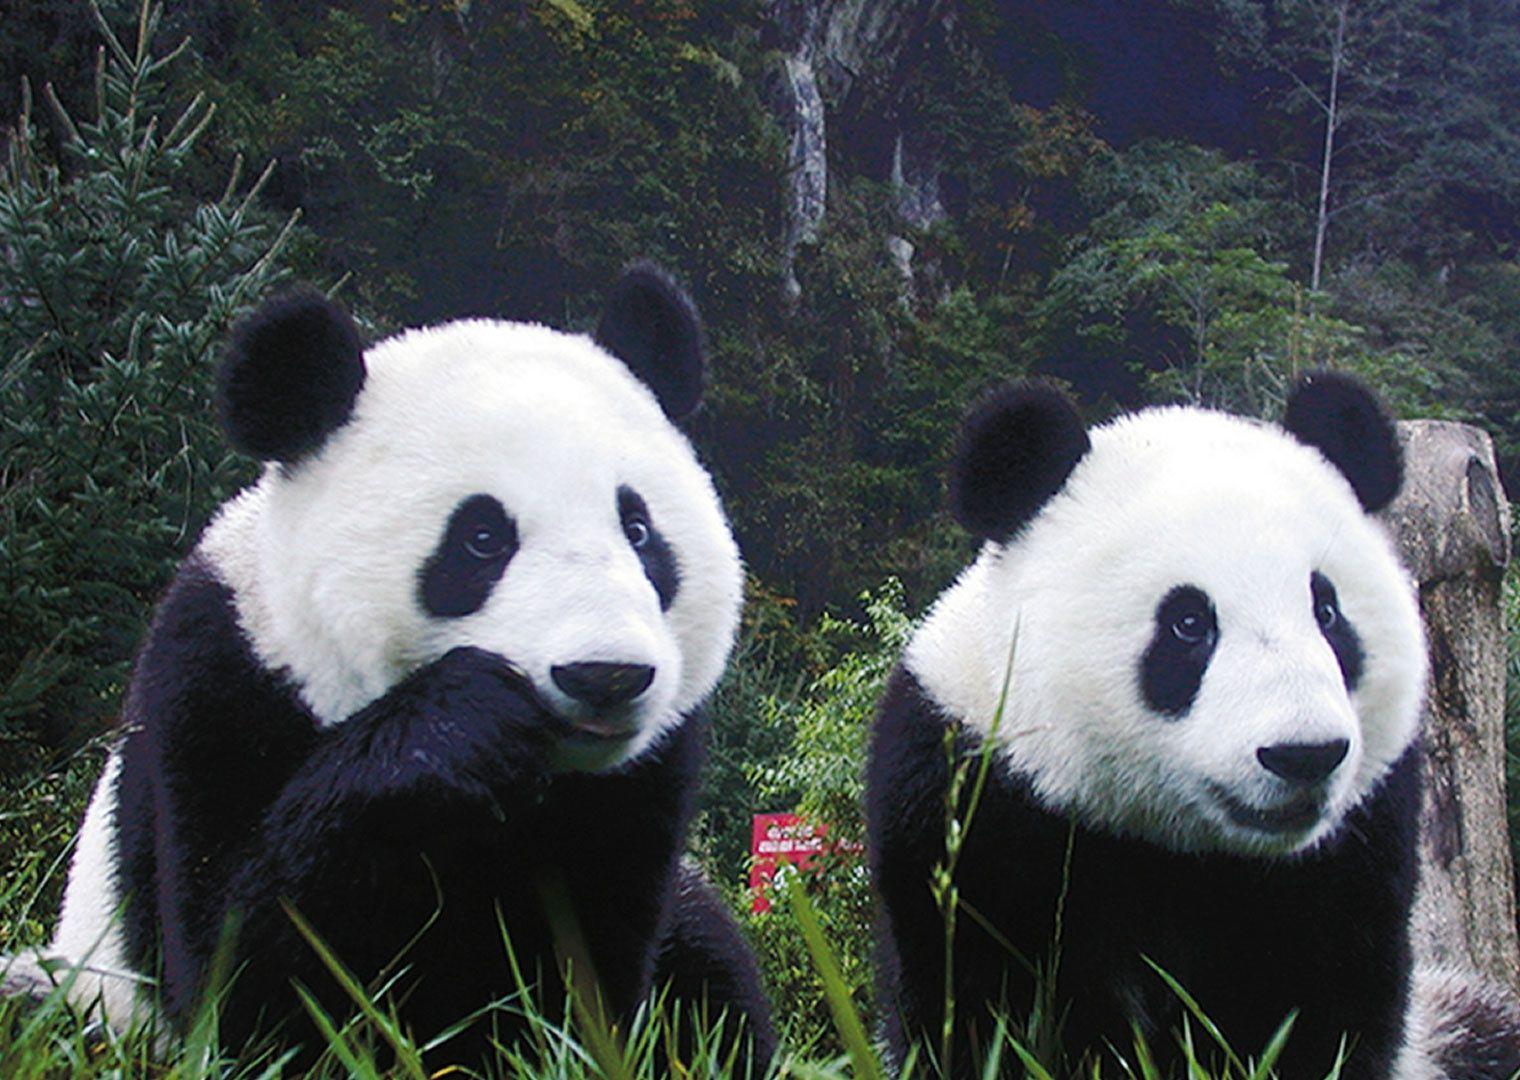 「panda‼」おしゃれまとめの人気アイデア|Pinterest |Angie パンダクマ、ジャイアントパンダ